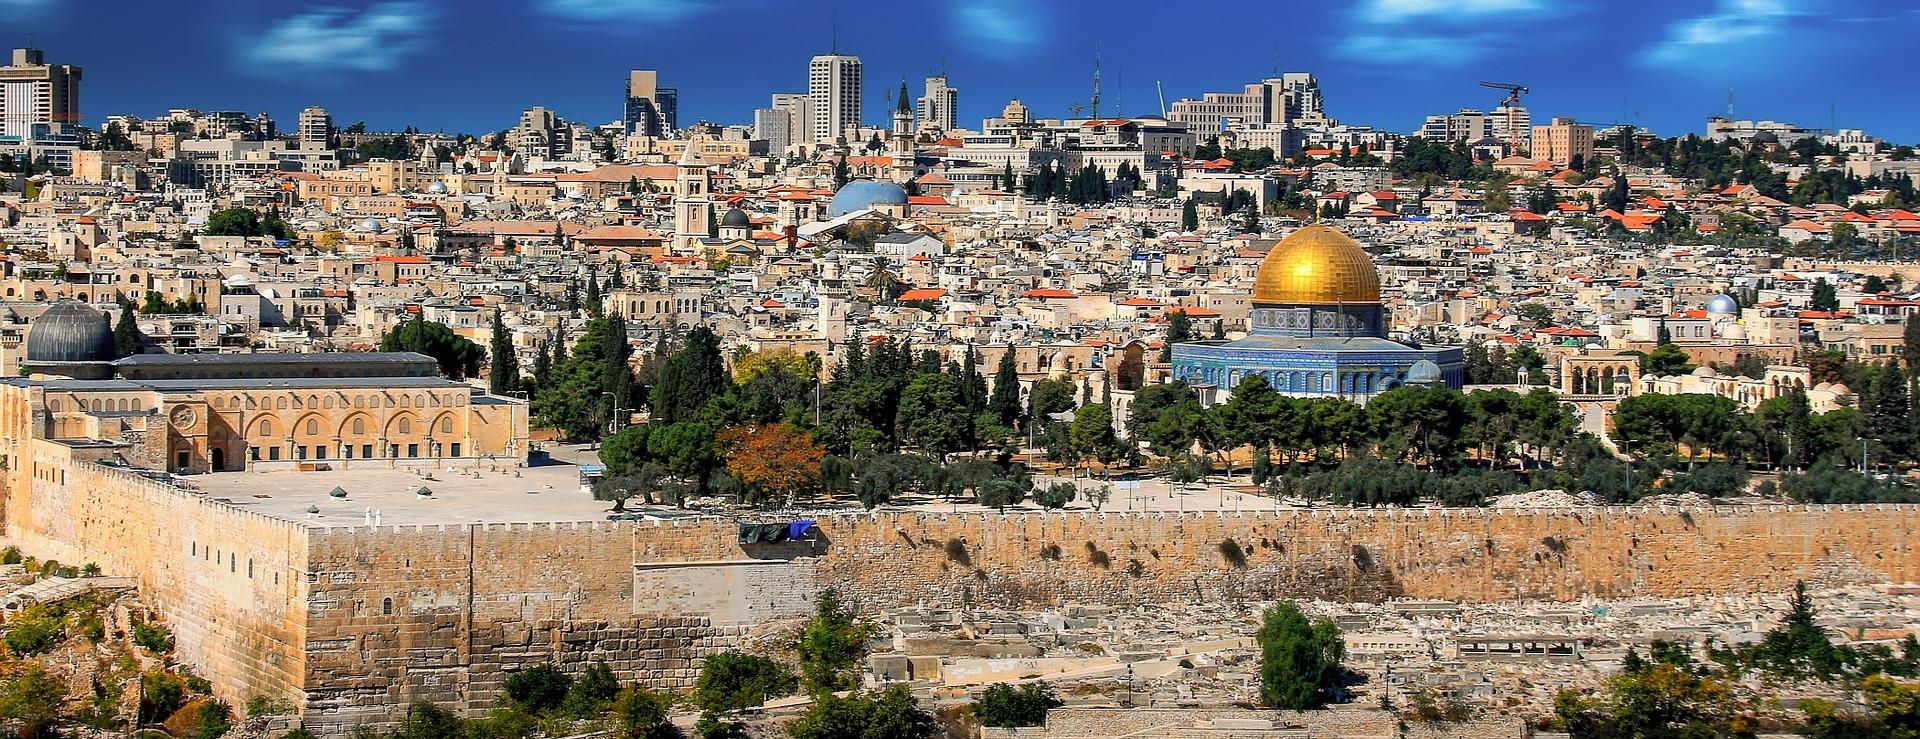 Israelkonferenz - Israel im Fokus der Zeit